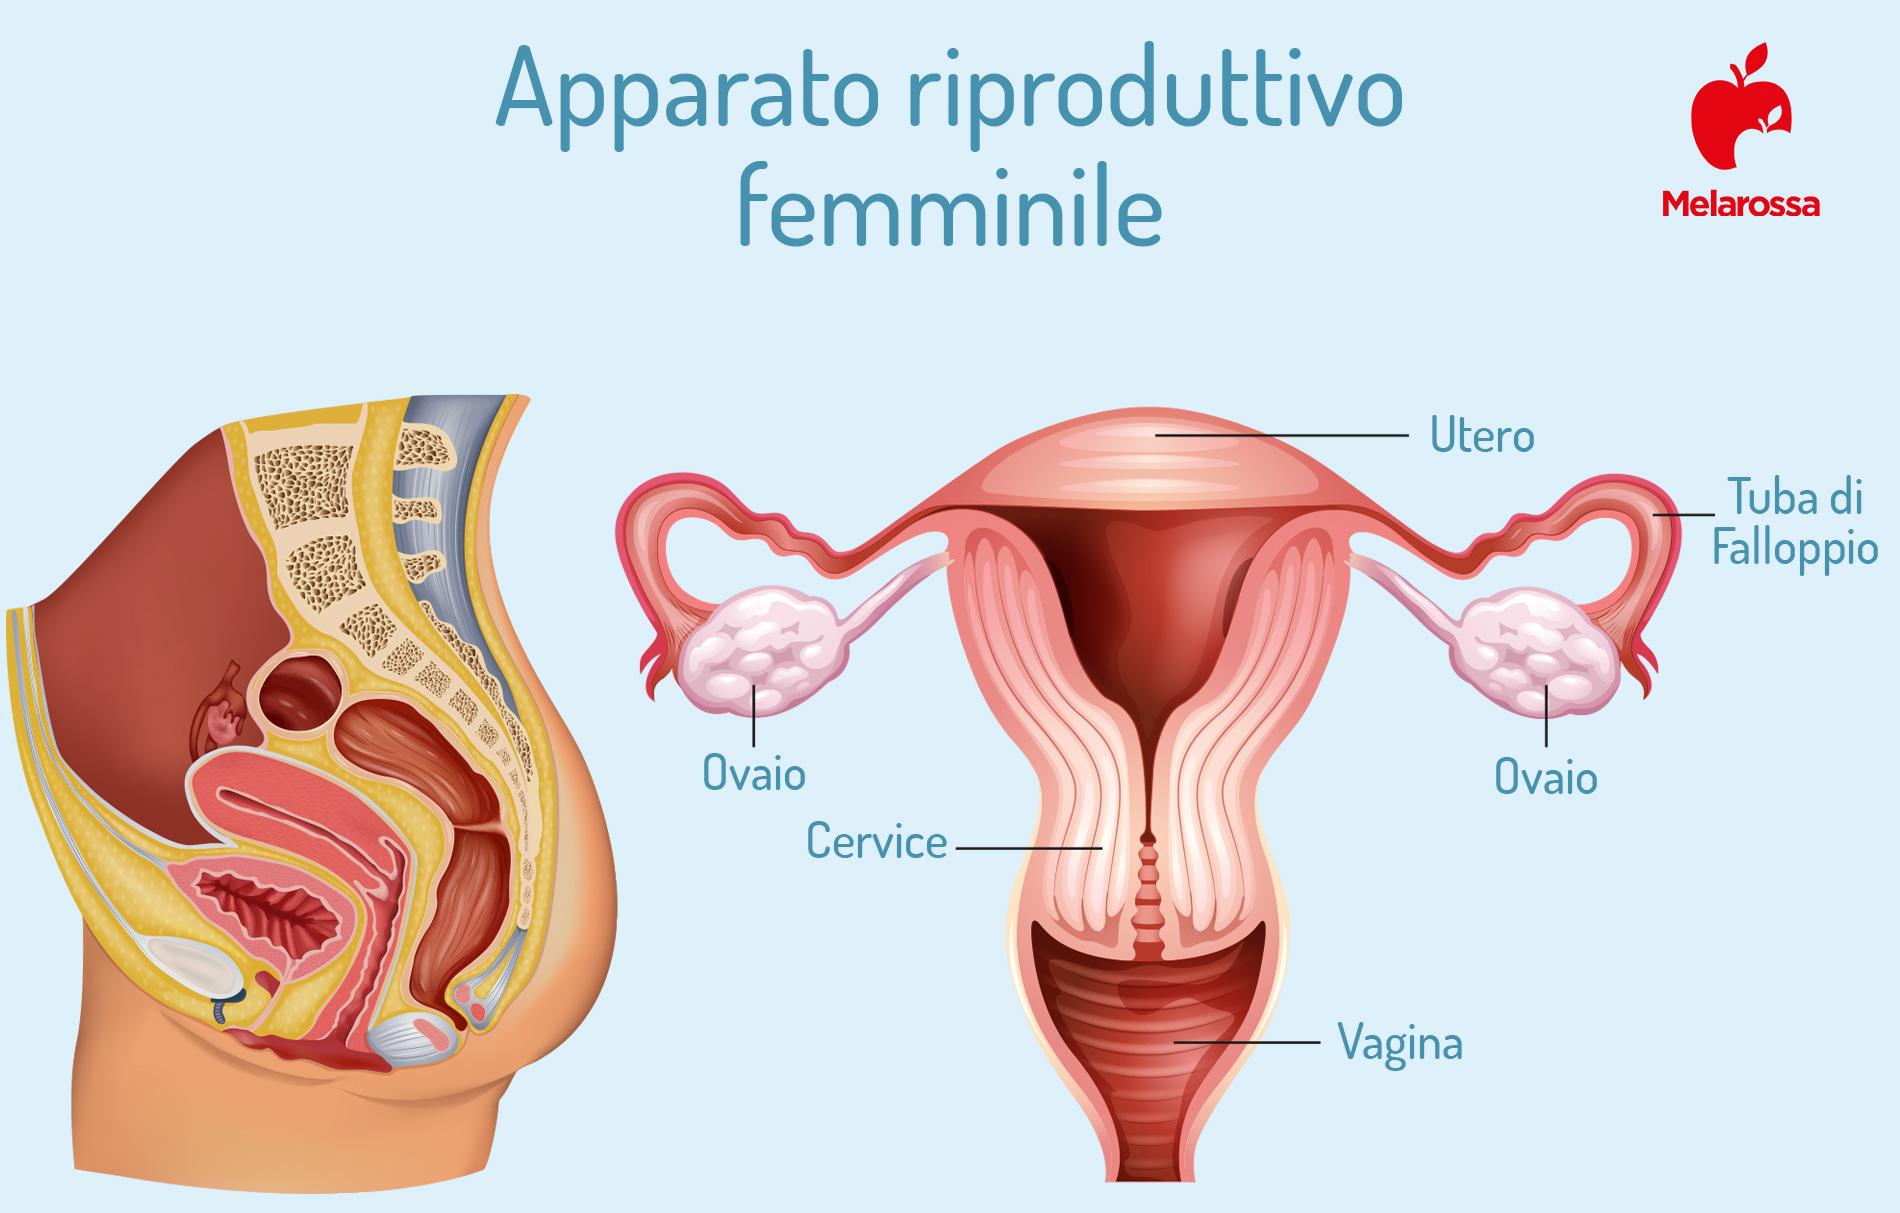 amenorrea: anatomia